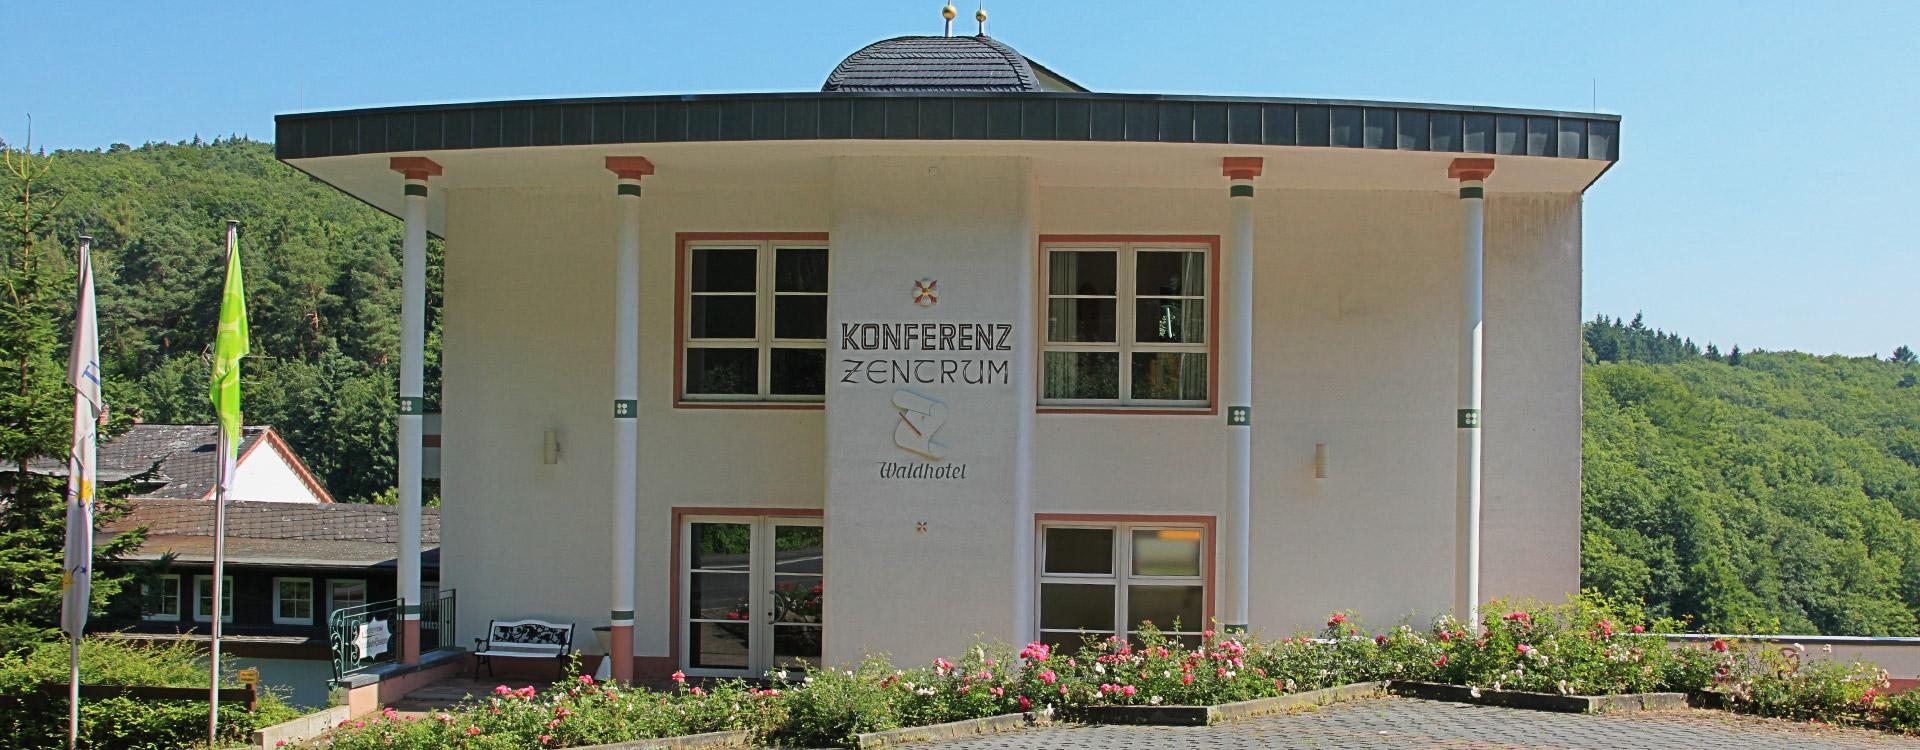 akzent_waldhotel_rheingau_geisenheim_tagungen_06